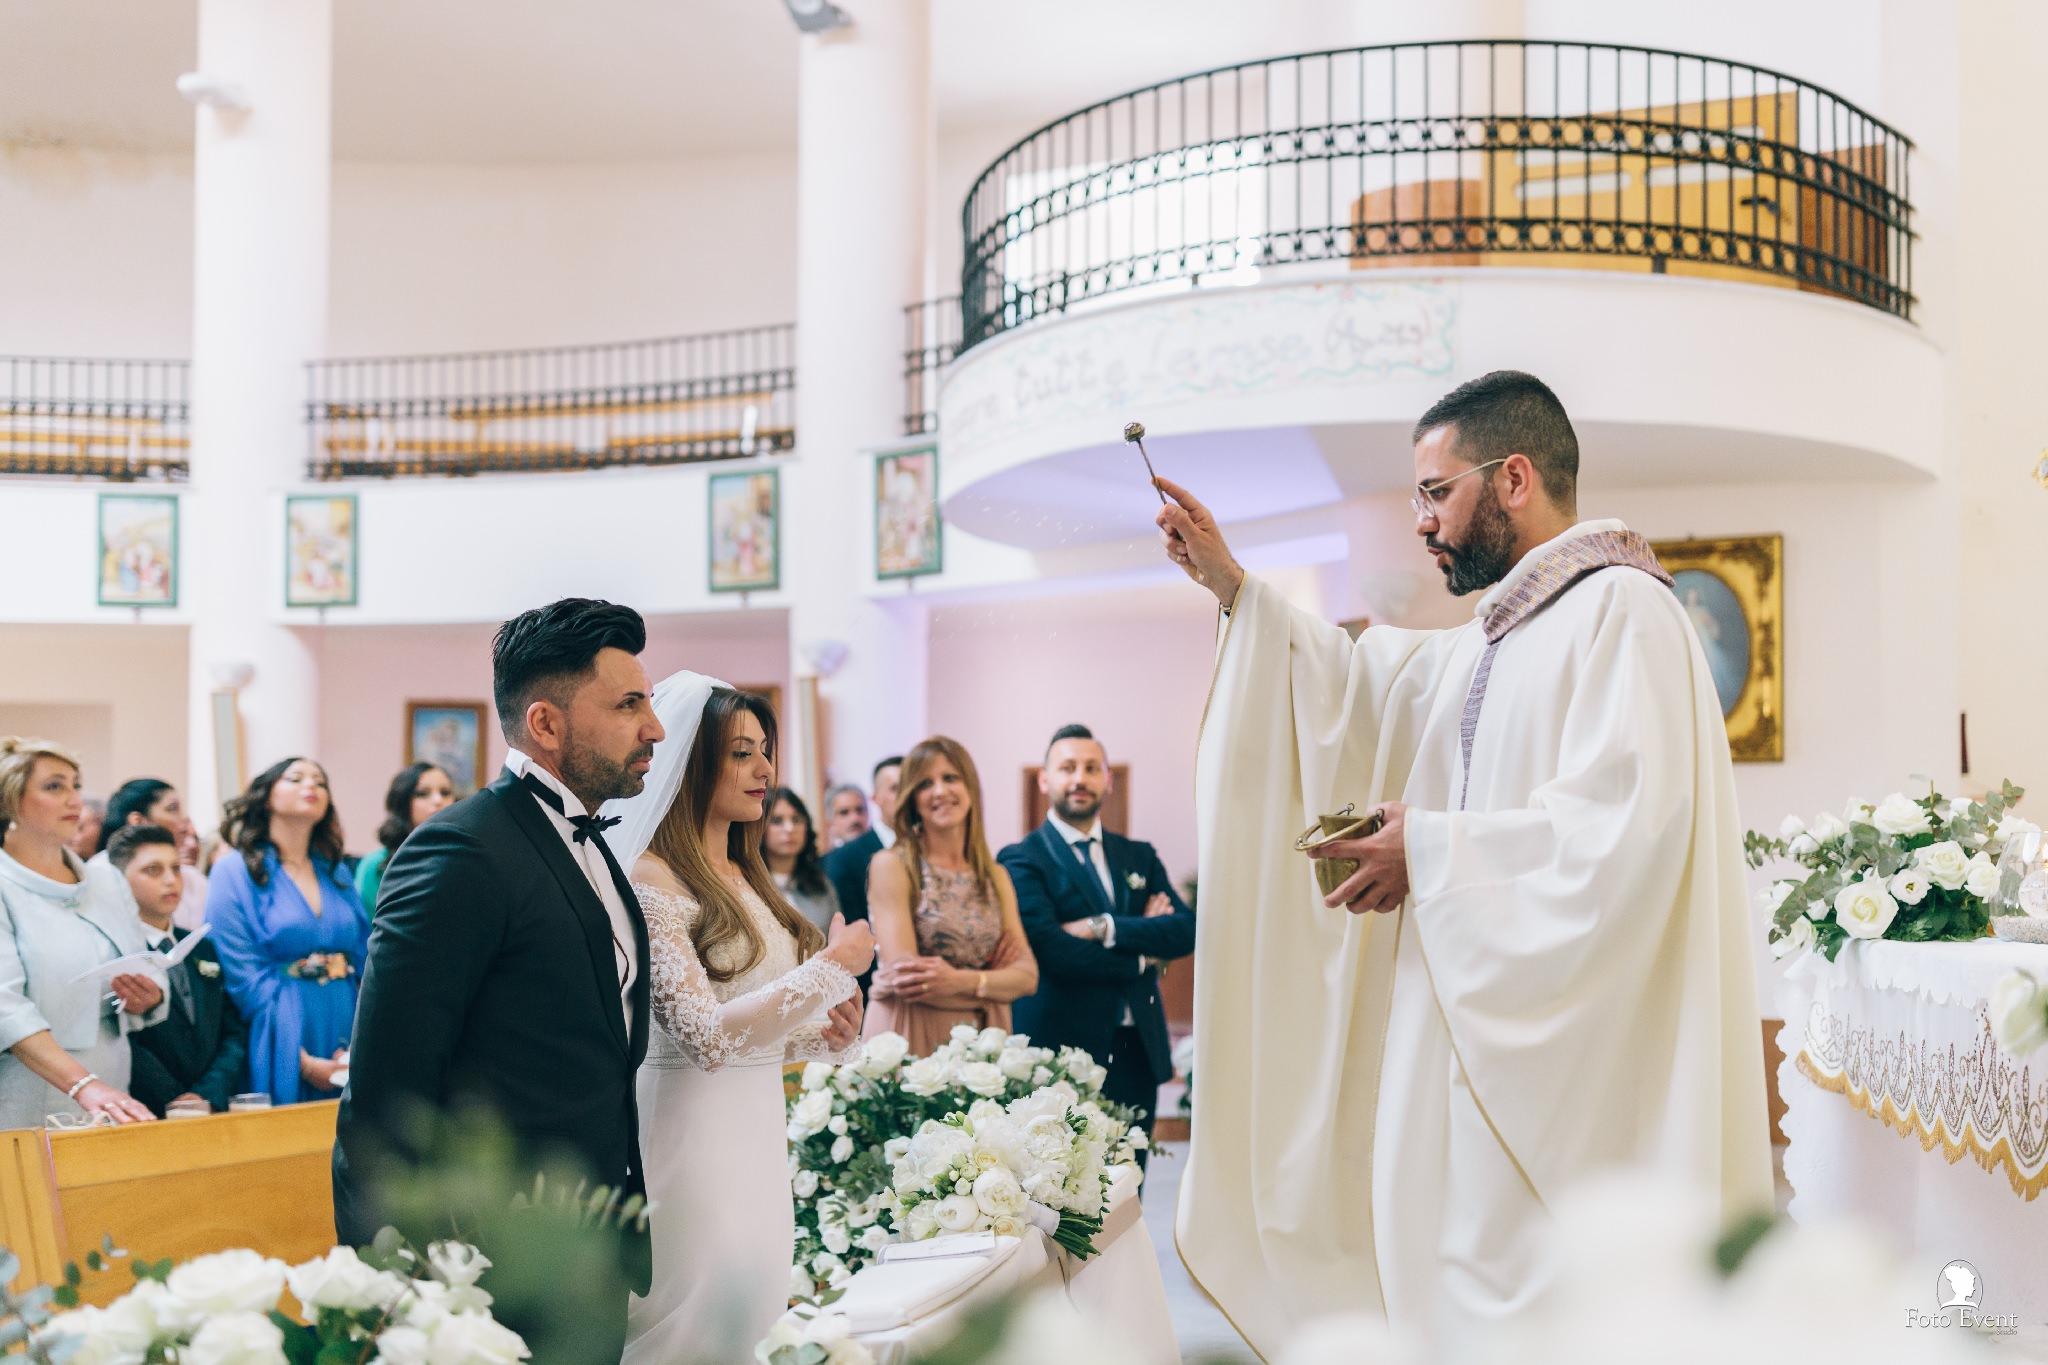 449-2019-05-09-Matrimonio-Maria-Concetta-e-Daniel-Gebbia-35mm-505